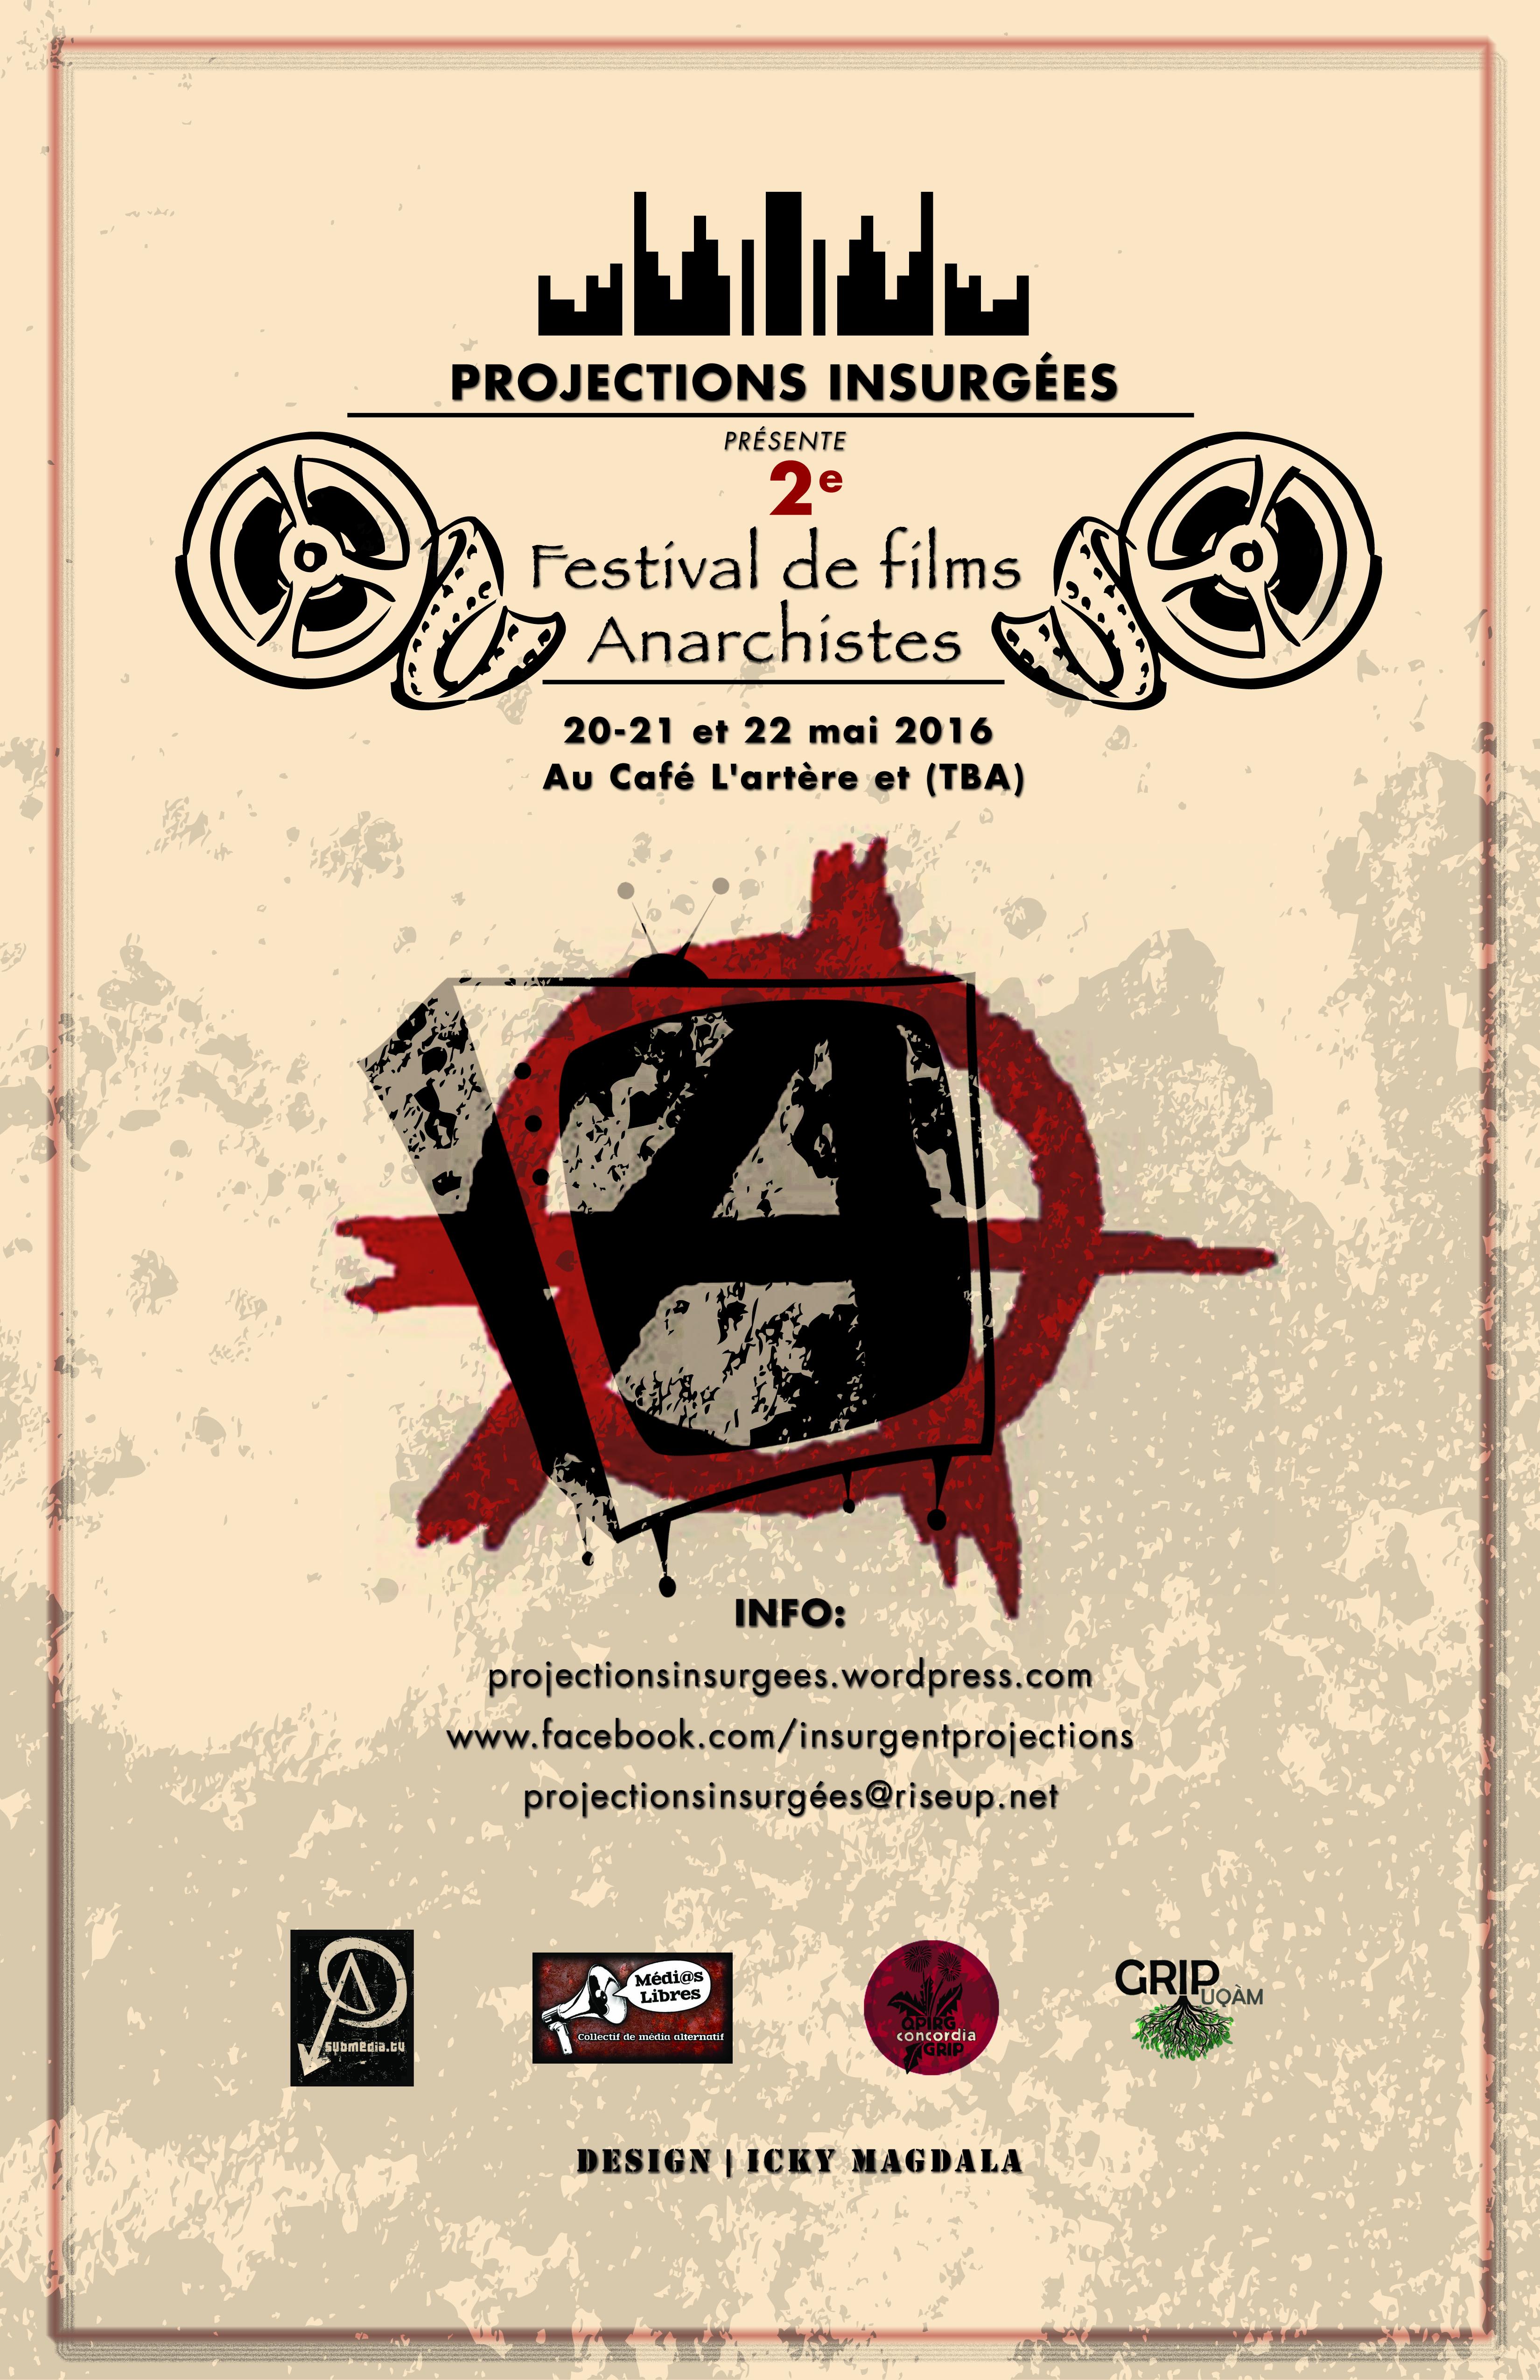 Festival-de-films-anarchistes_2